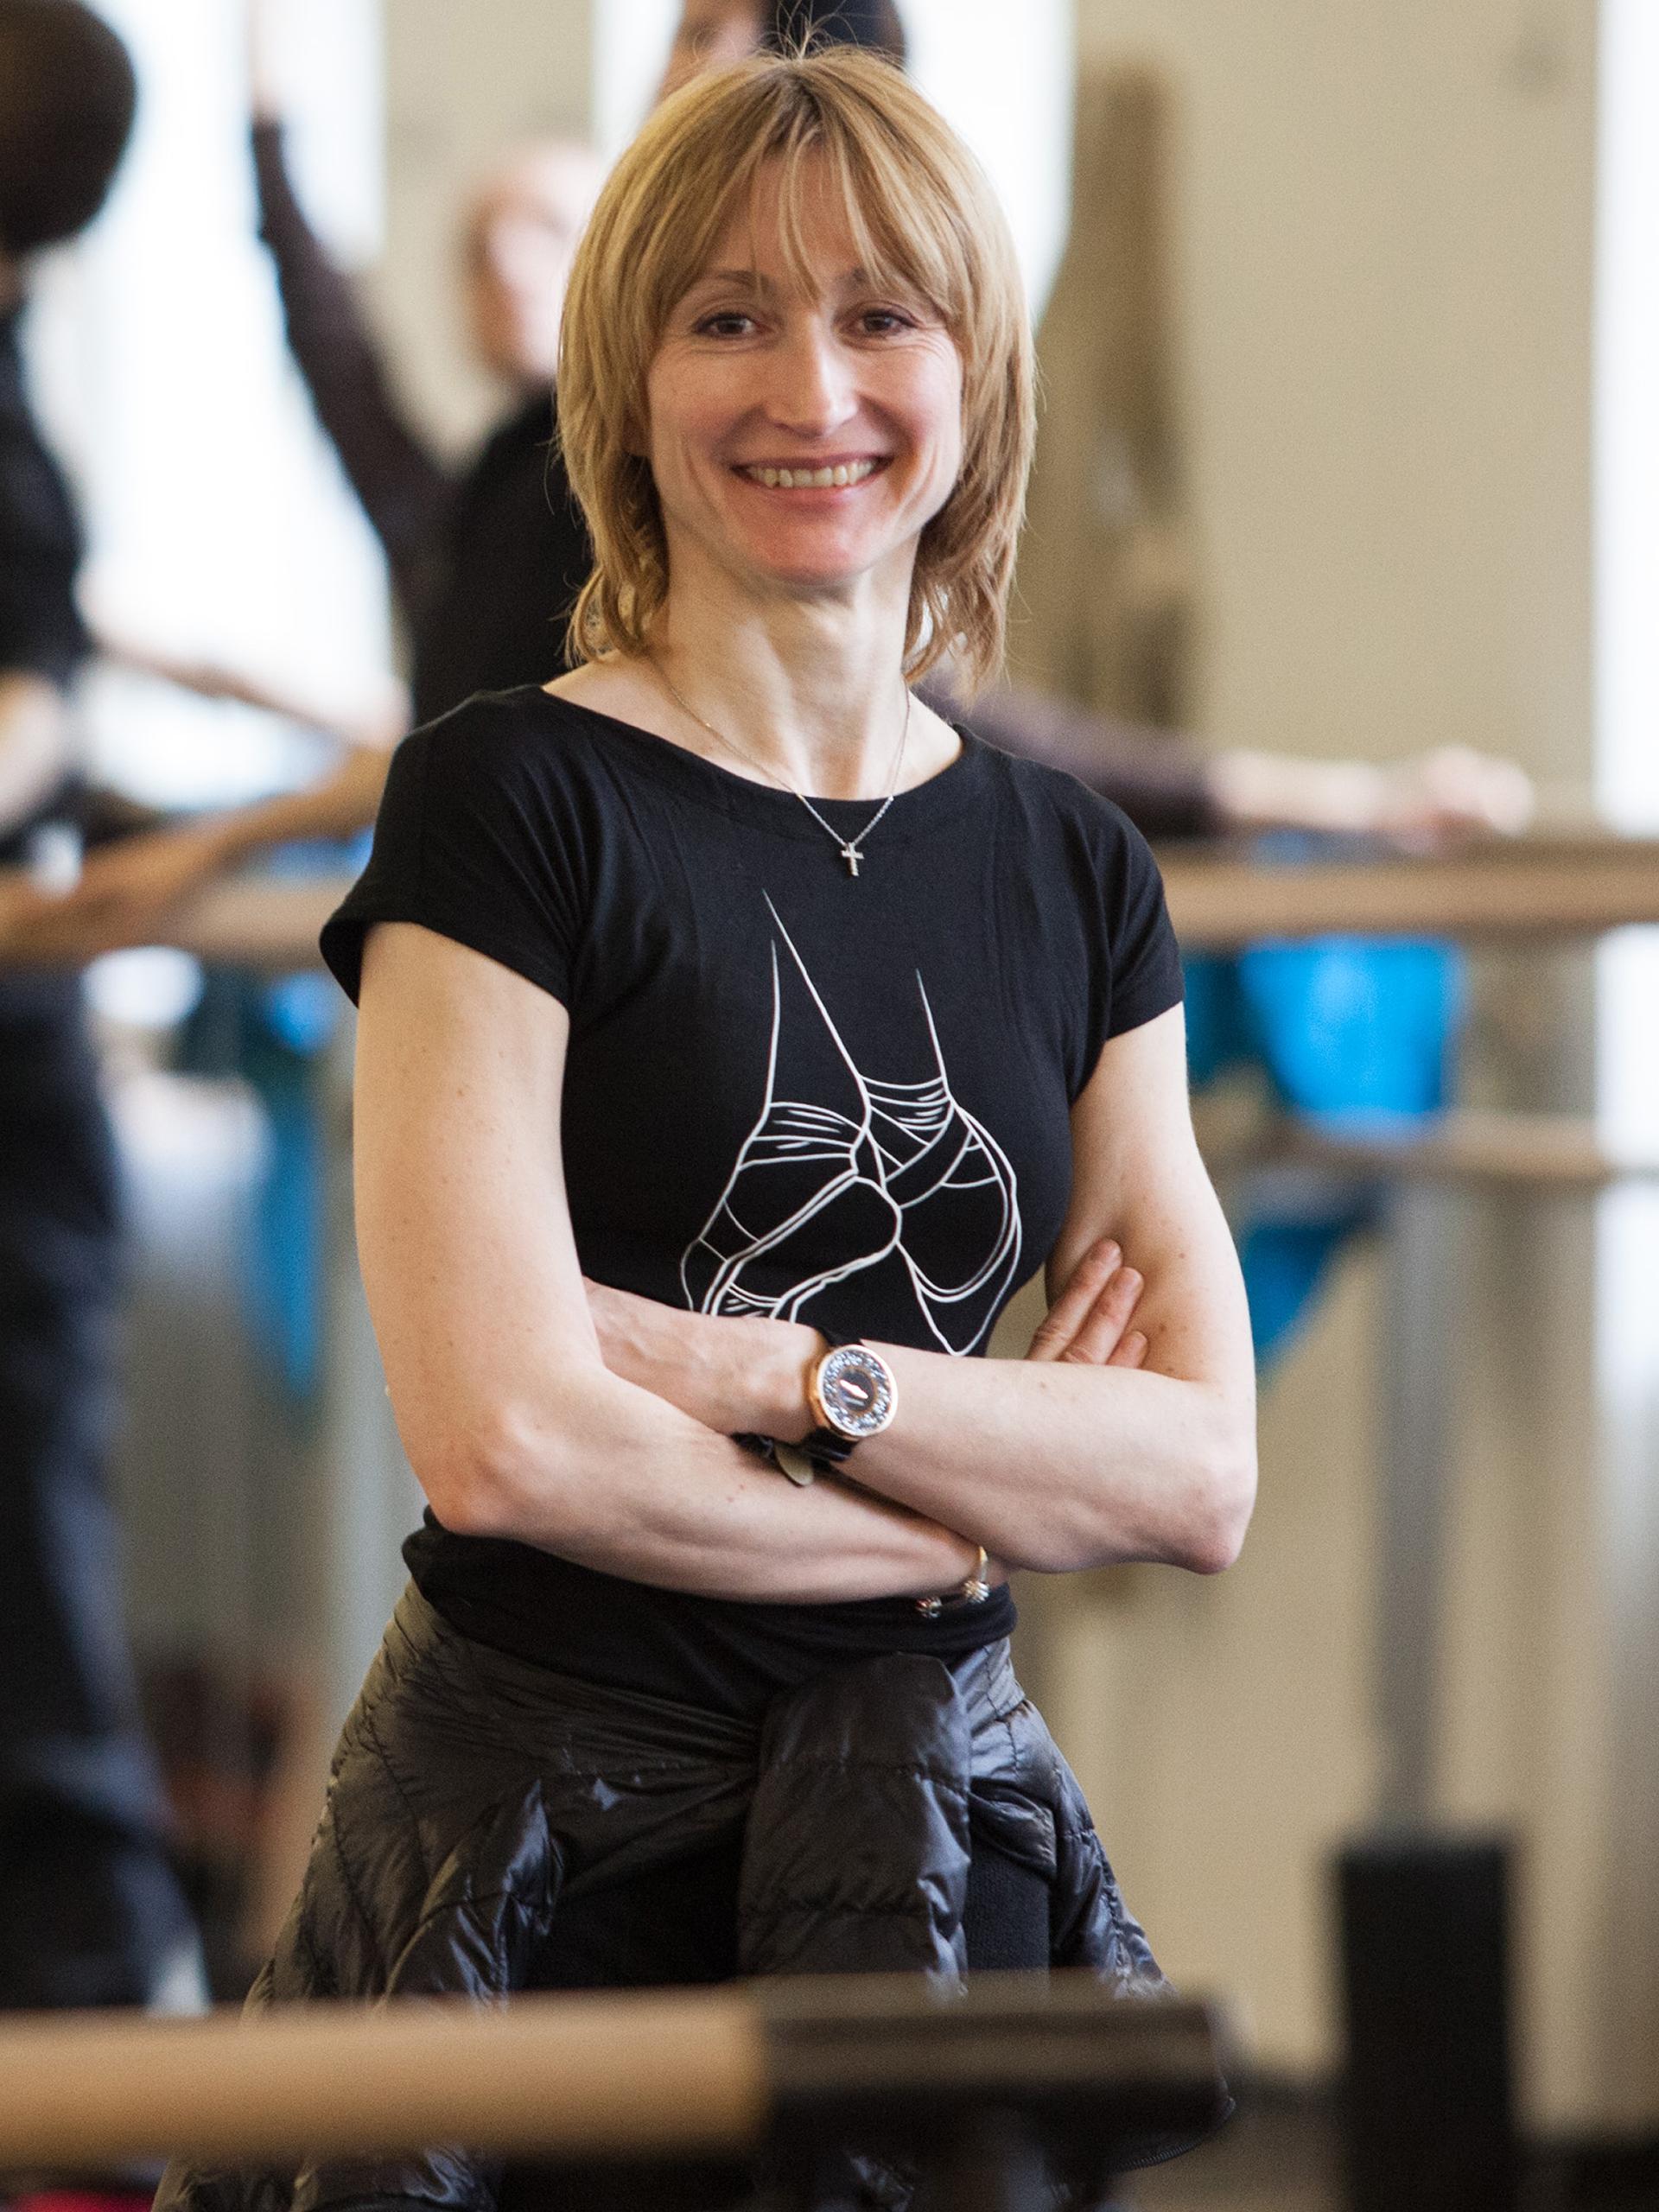 Daria Klimentová (Balet)